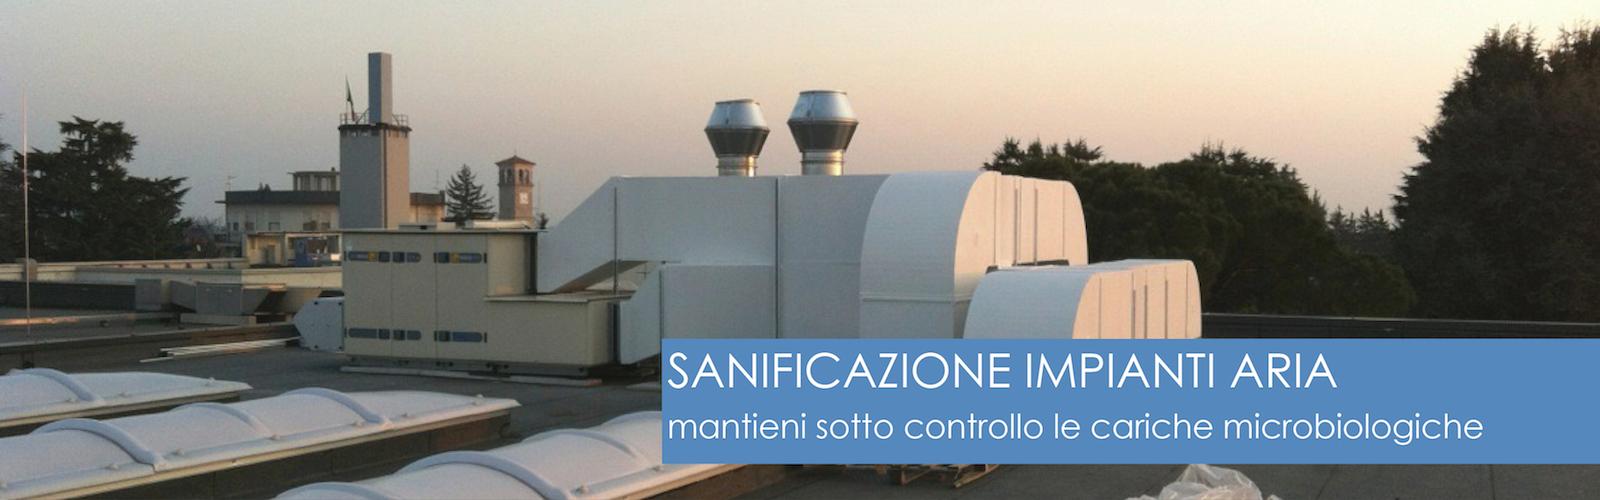 sanificazione_impianti_aria